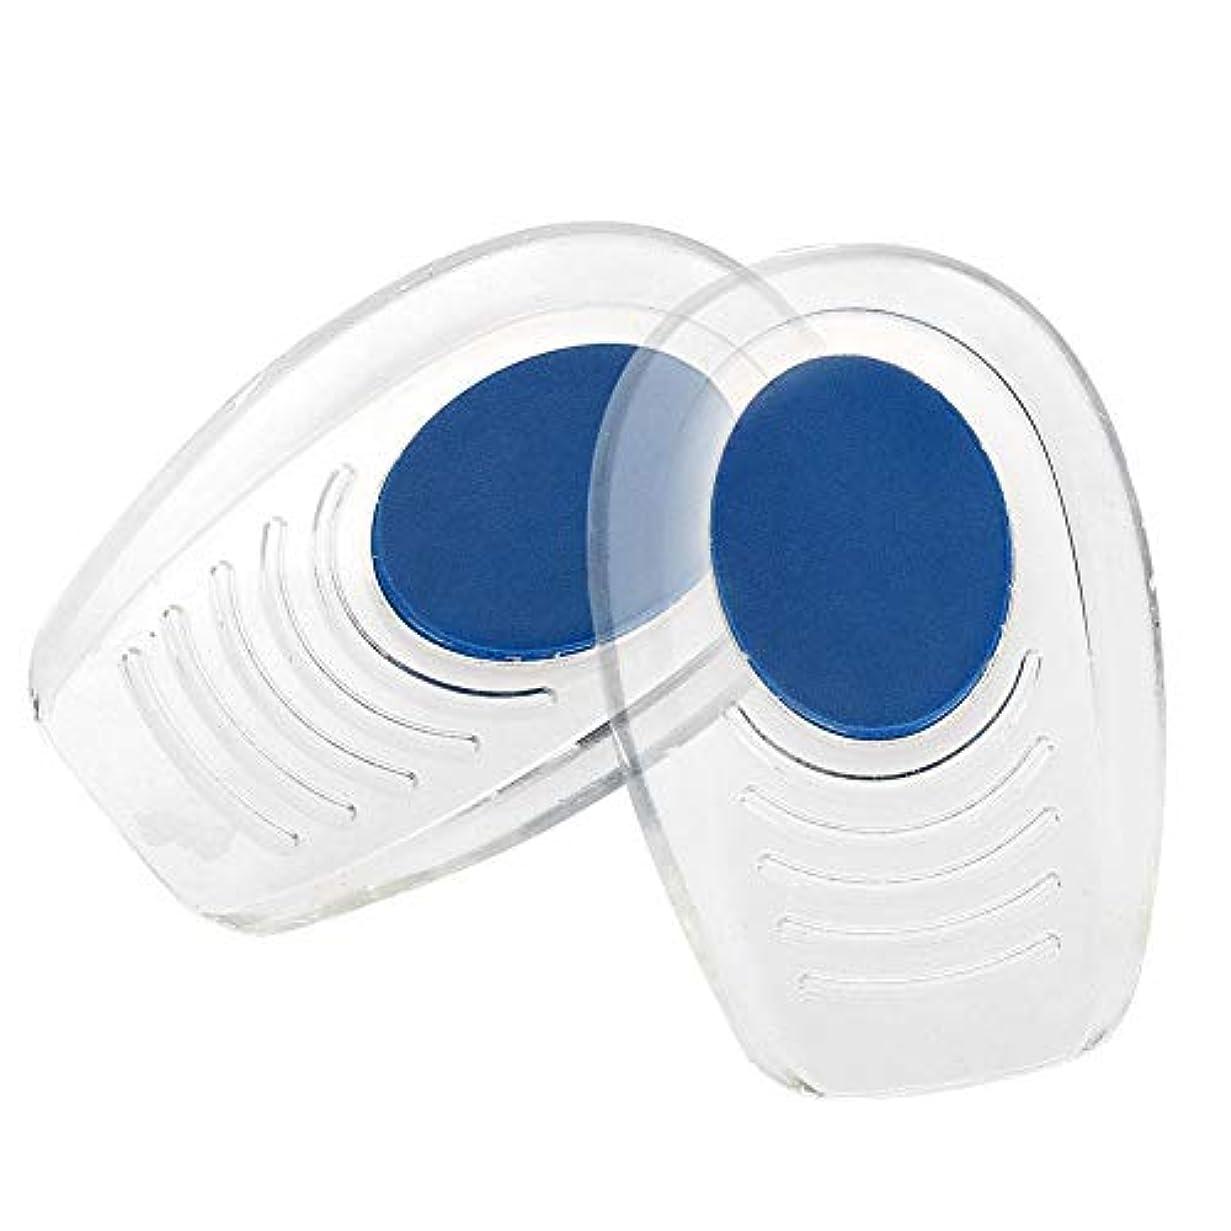 ぐったり丁寧除去ソフトインソール かかと痛みパッド   シリコーン衝撃吸収ヒールパッド (滑り止めテクスチャー付) ブルー パッドフットケアツール (S(7*10.5CM))